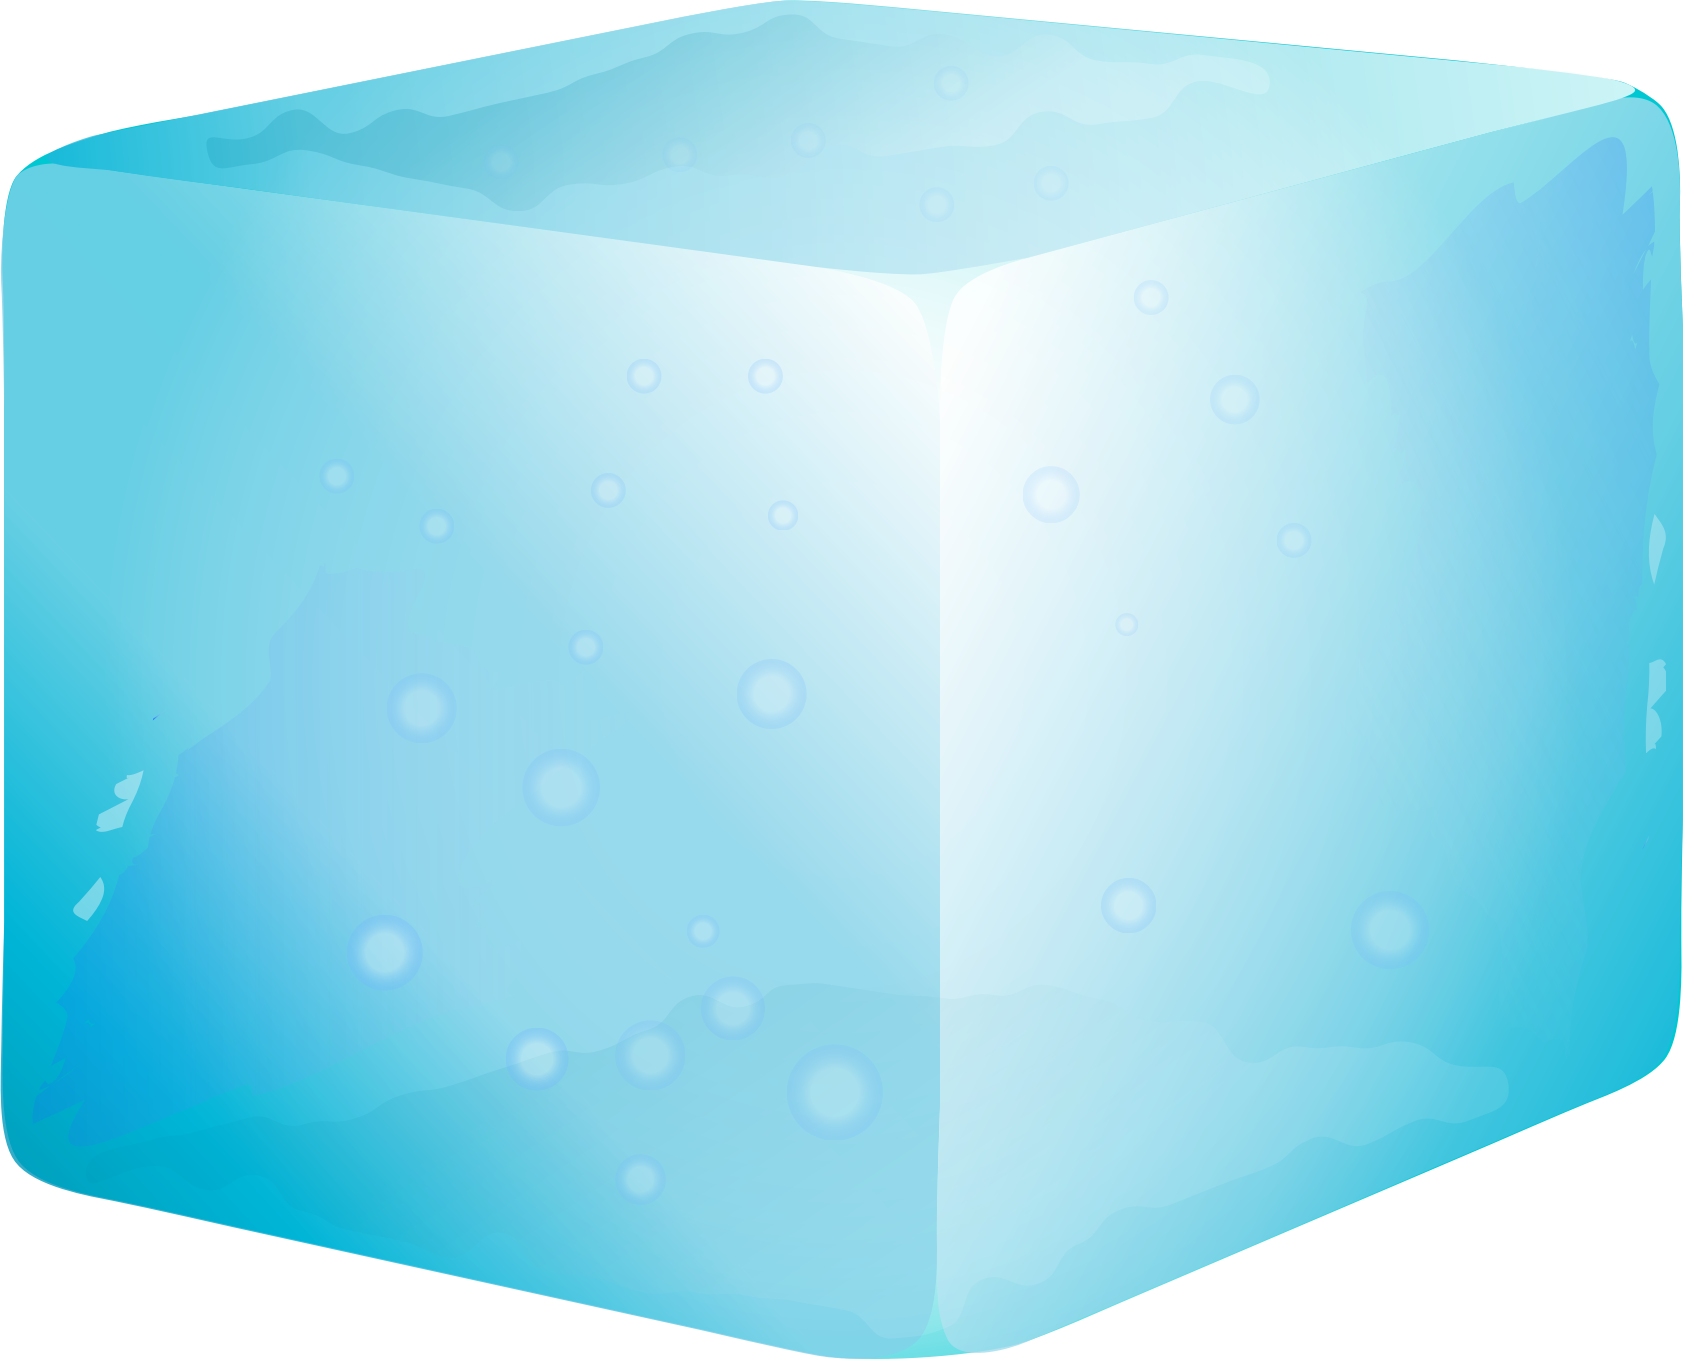 Cube clipart cartoon Clipart cube Ice Ice cube